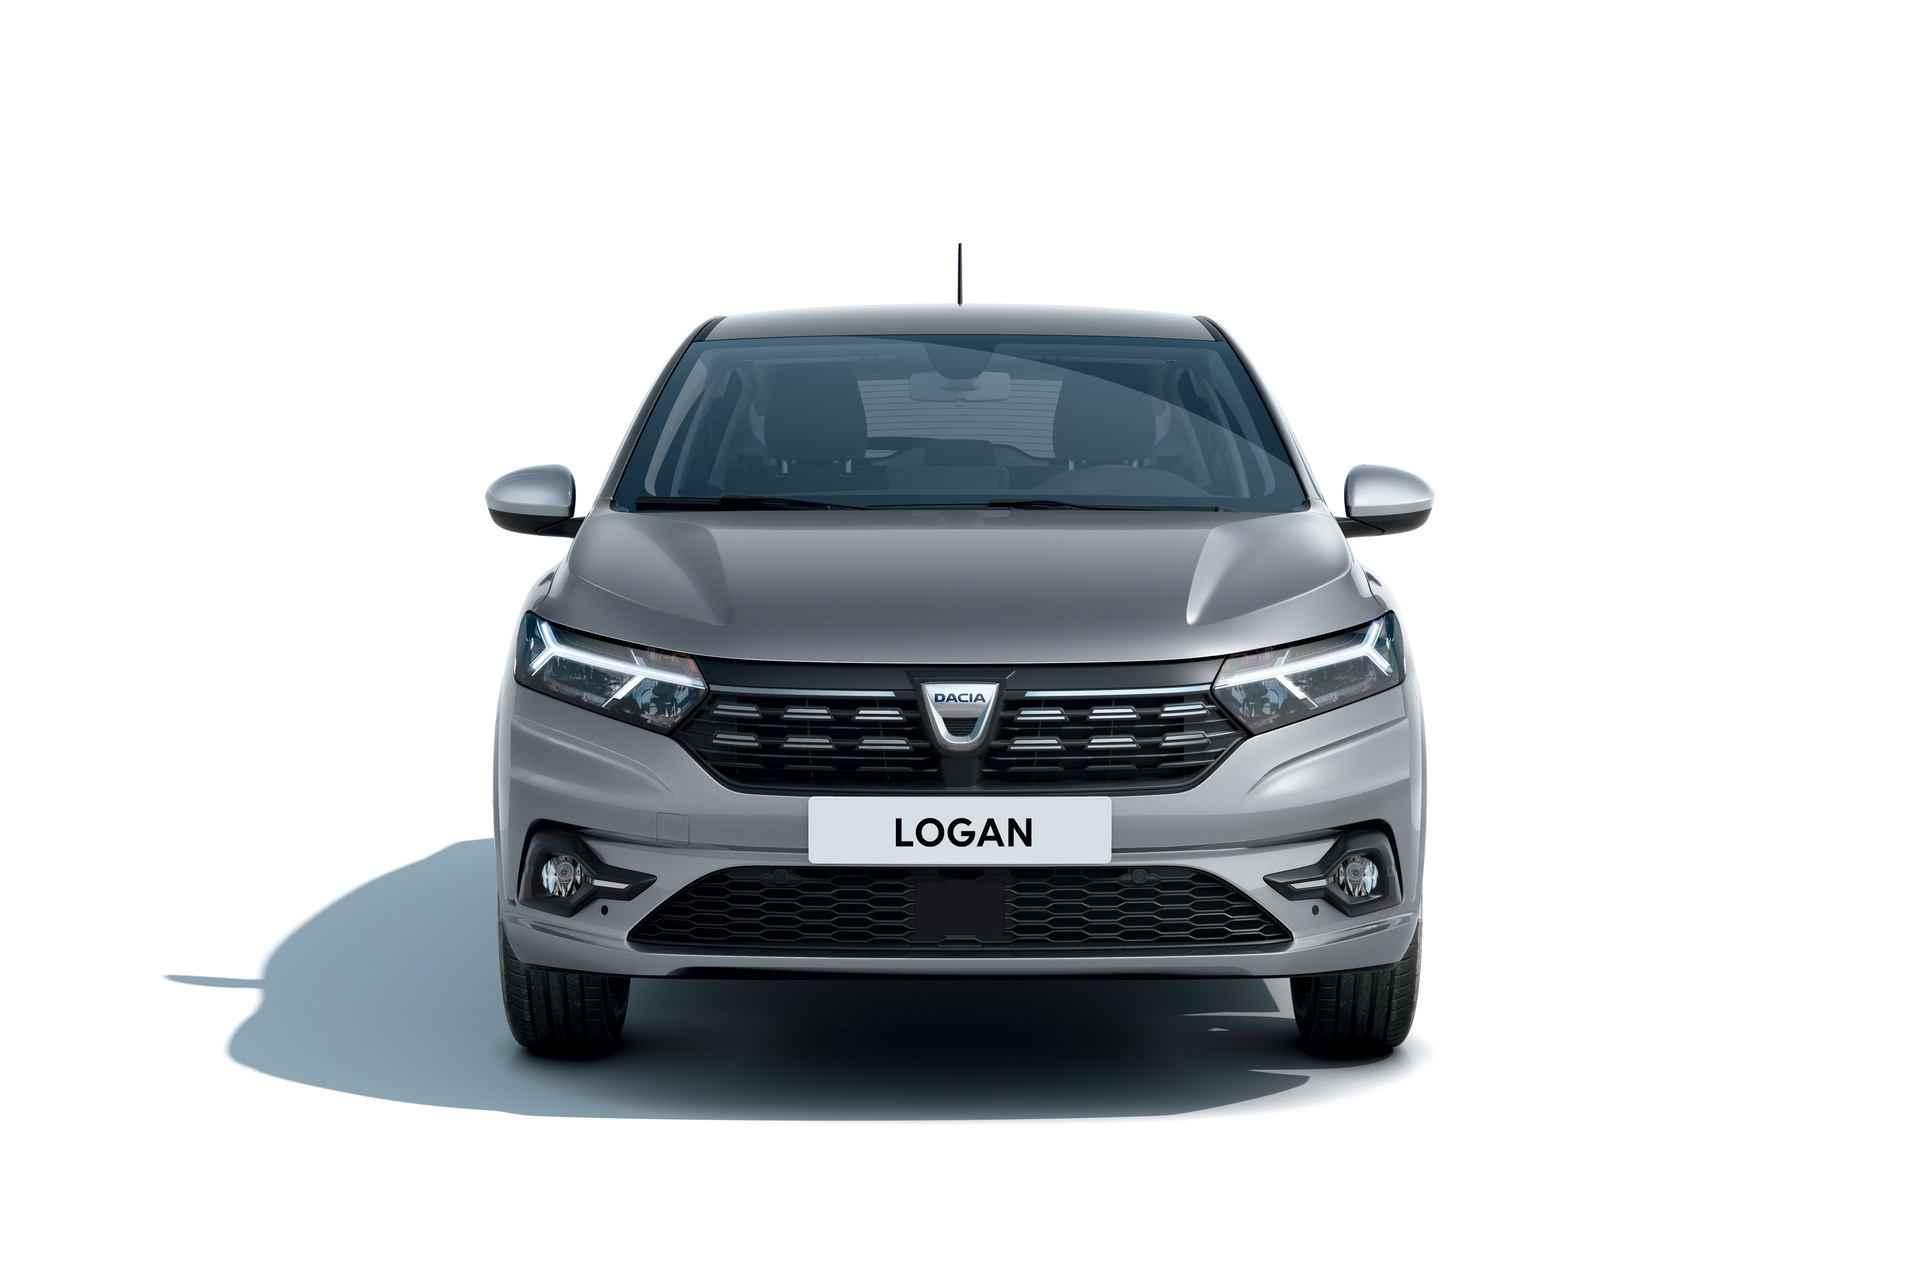 2020_Dacia_Logan_0009